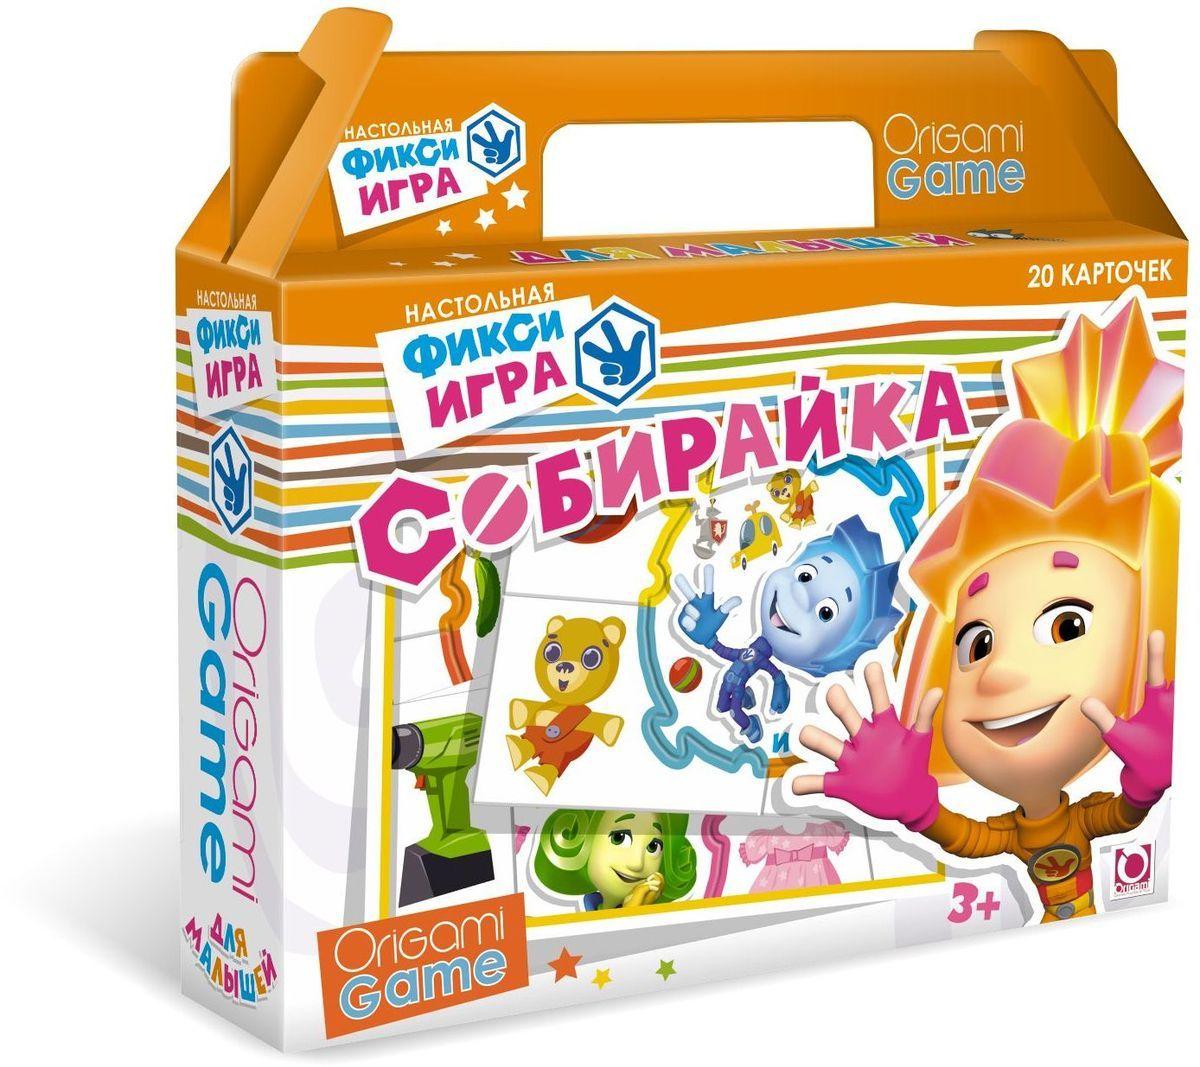 Оригами Обучающая игра Собирайка 0053000530Настольная игра с героями мультсериала Фиксики станет увлекательным и познавательным приключением. а так же поможет ребёнку развить в игровой форме сообразительность, смекалку, научит считать , ассоциативно мыслить и стремиться к победе. В состав игры входит поле, карточки, фишки, кубик , рекомендуемый возраст 6+